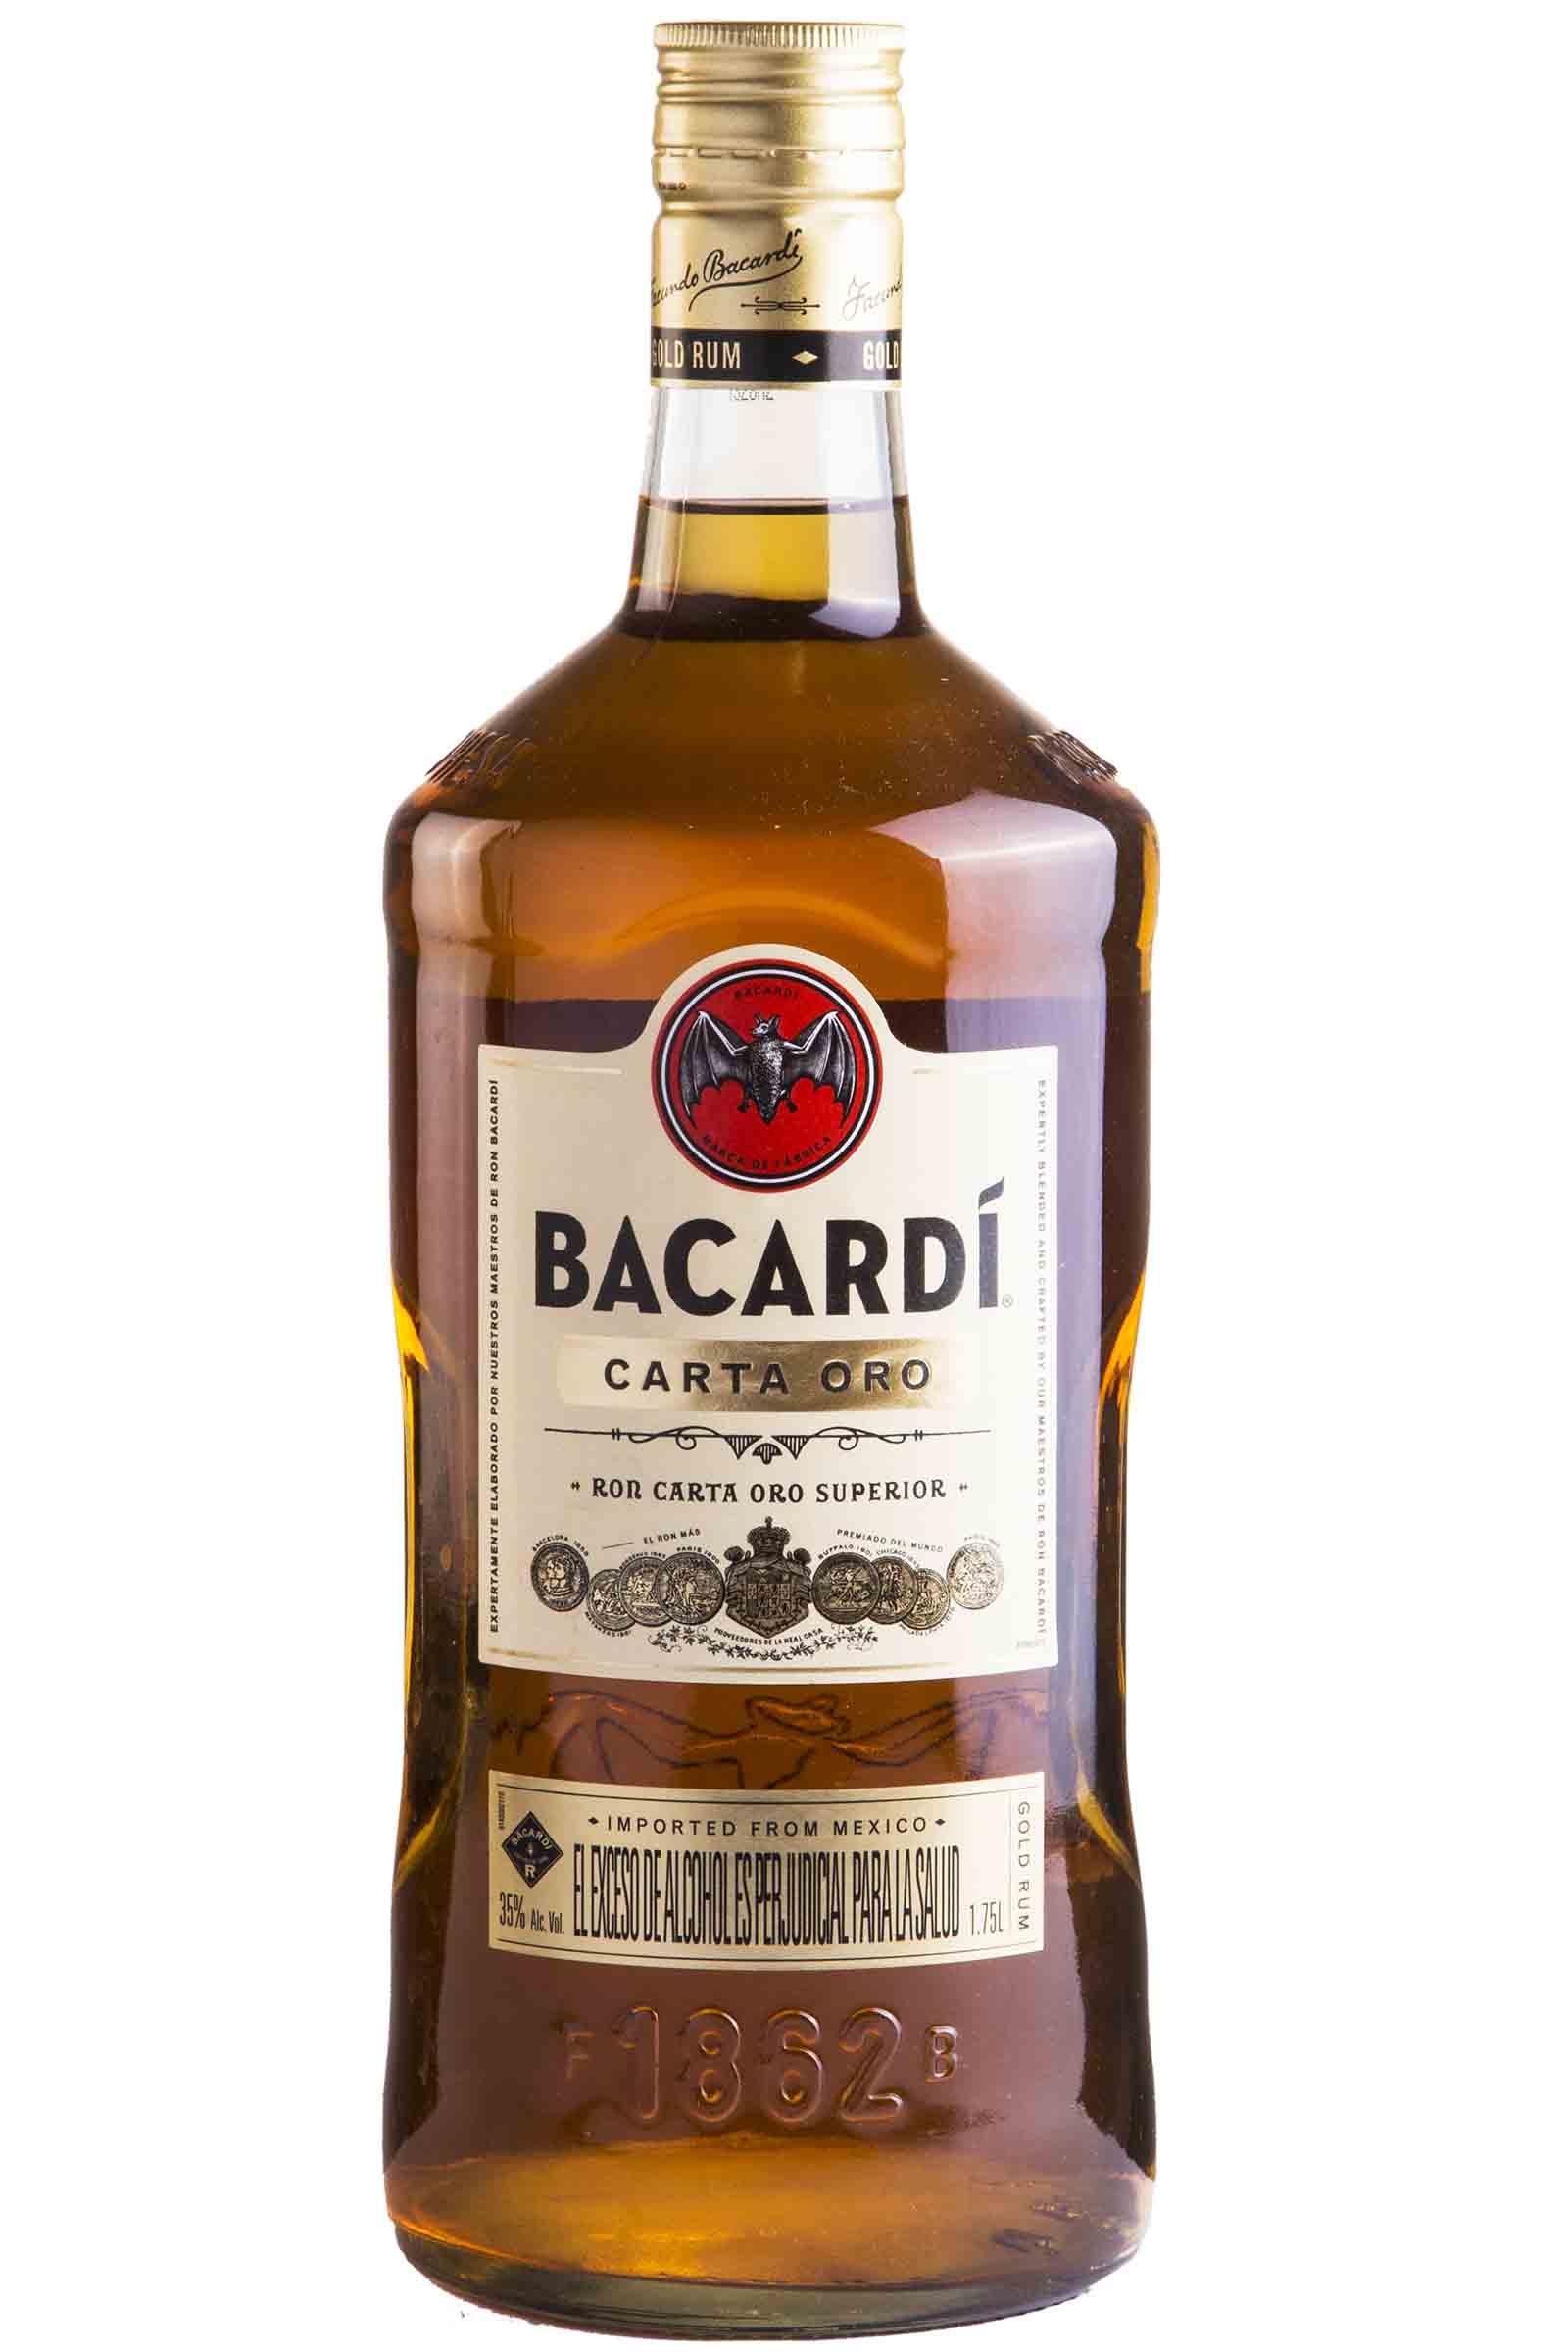 Ron Bacardi Carta Oro 1750ml